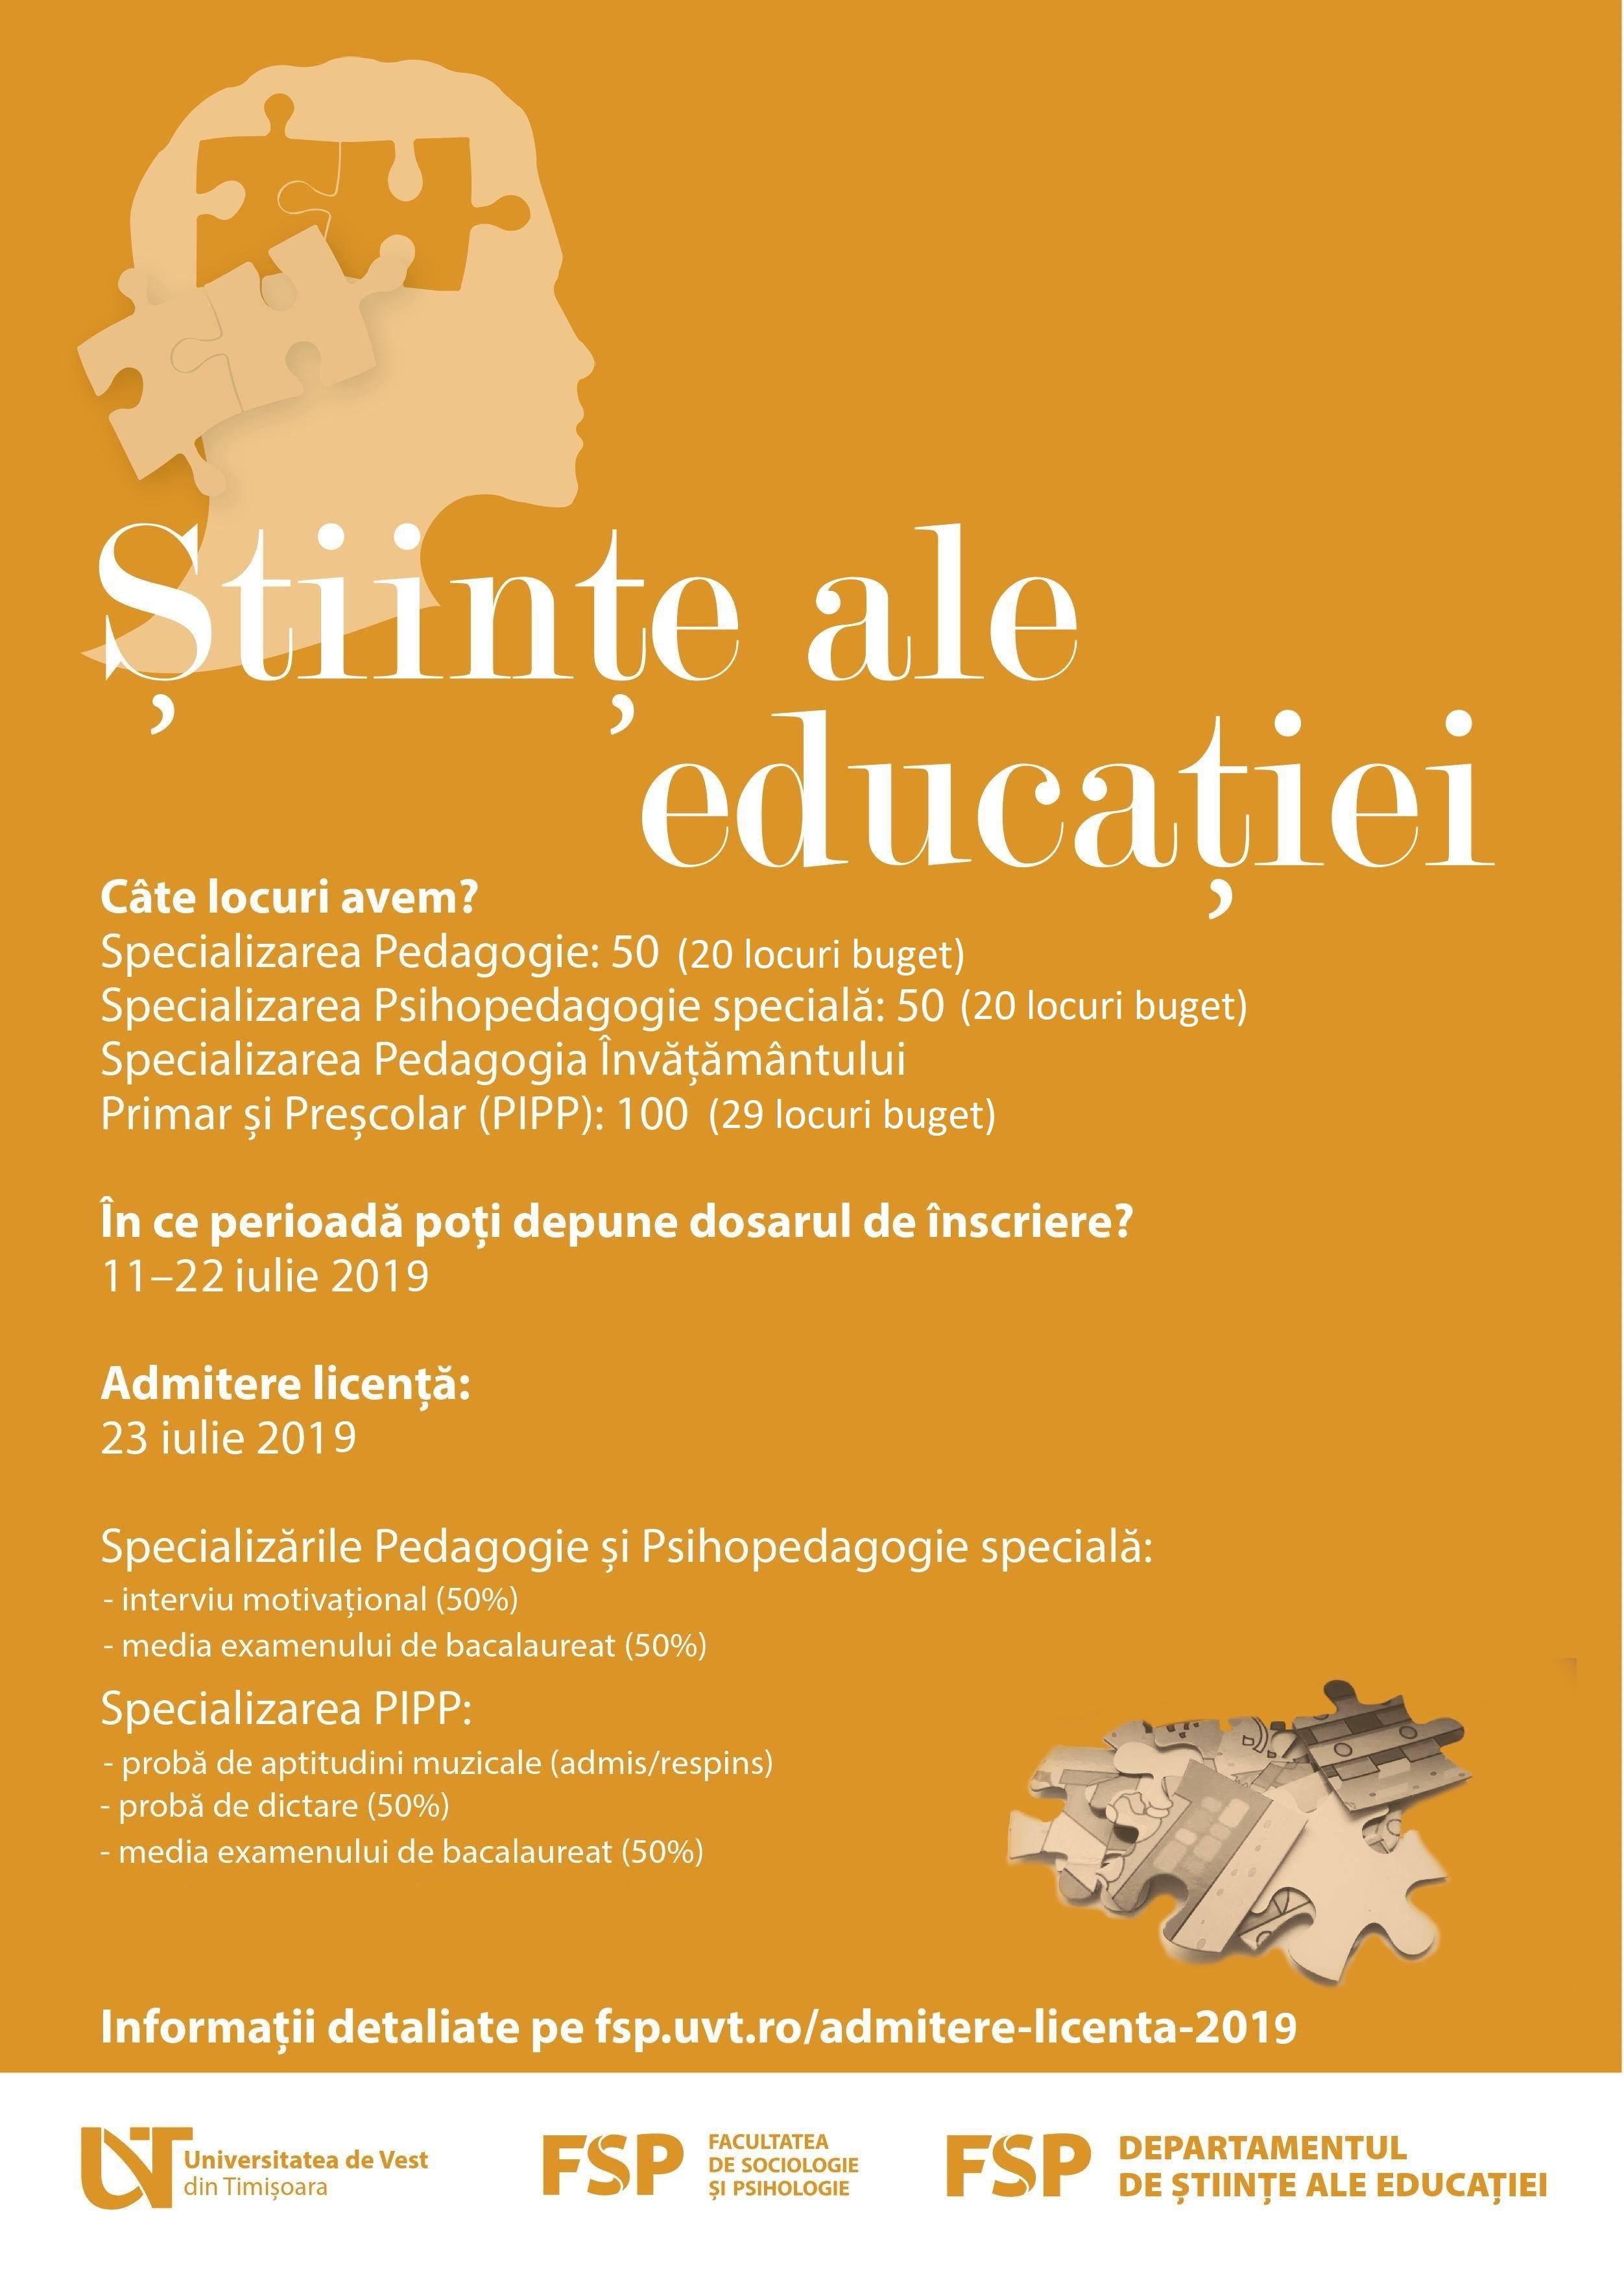 4.STIINTE ALE EDUCATIEI